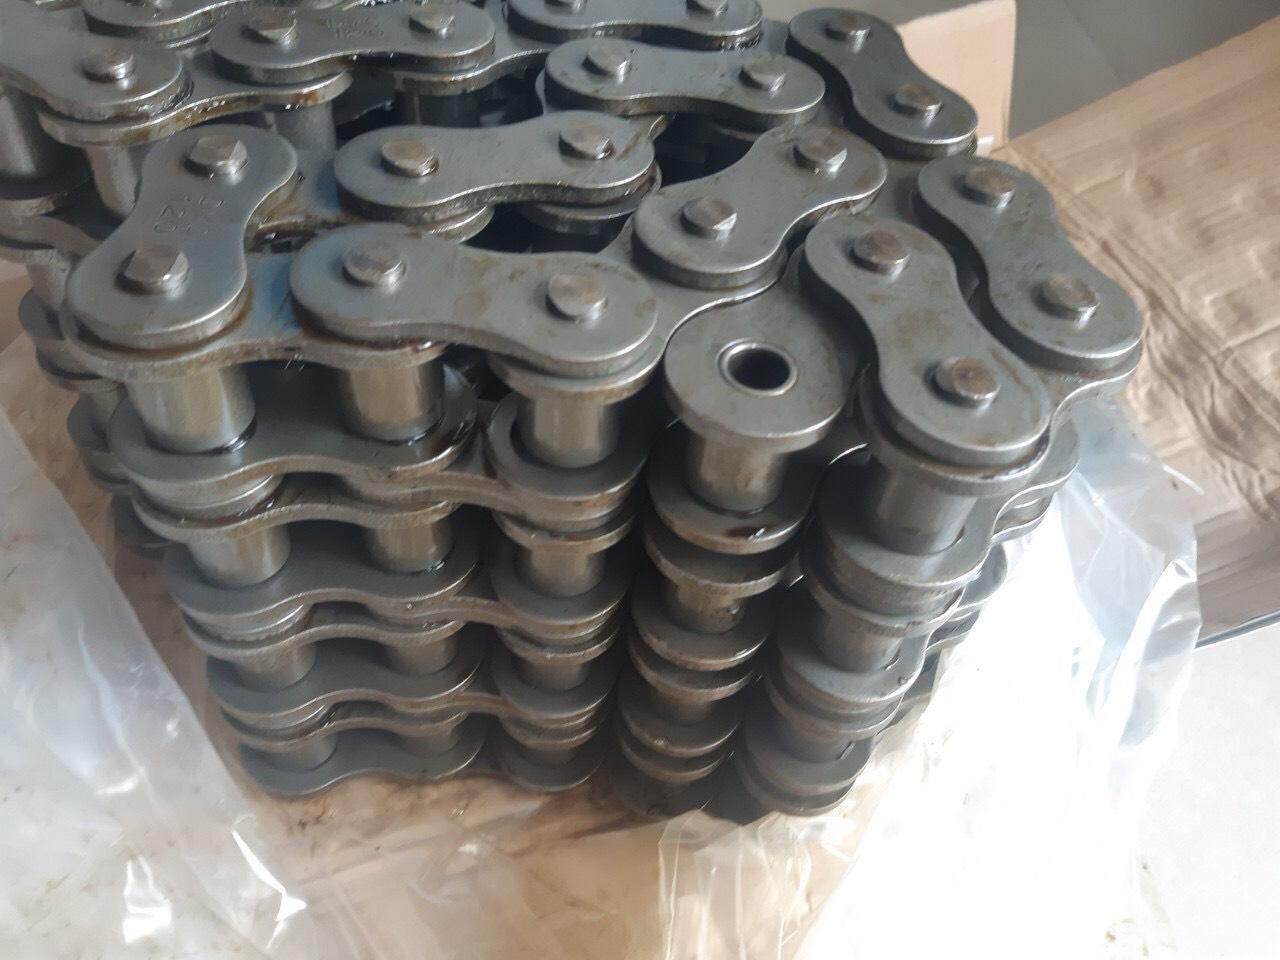 Meso cung cấp những loại xích băng tải bao xi măng nào? - Meso Trading Co.Ltd